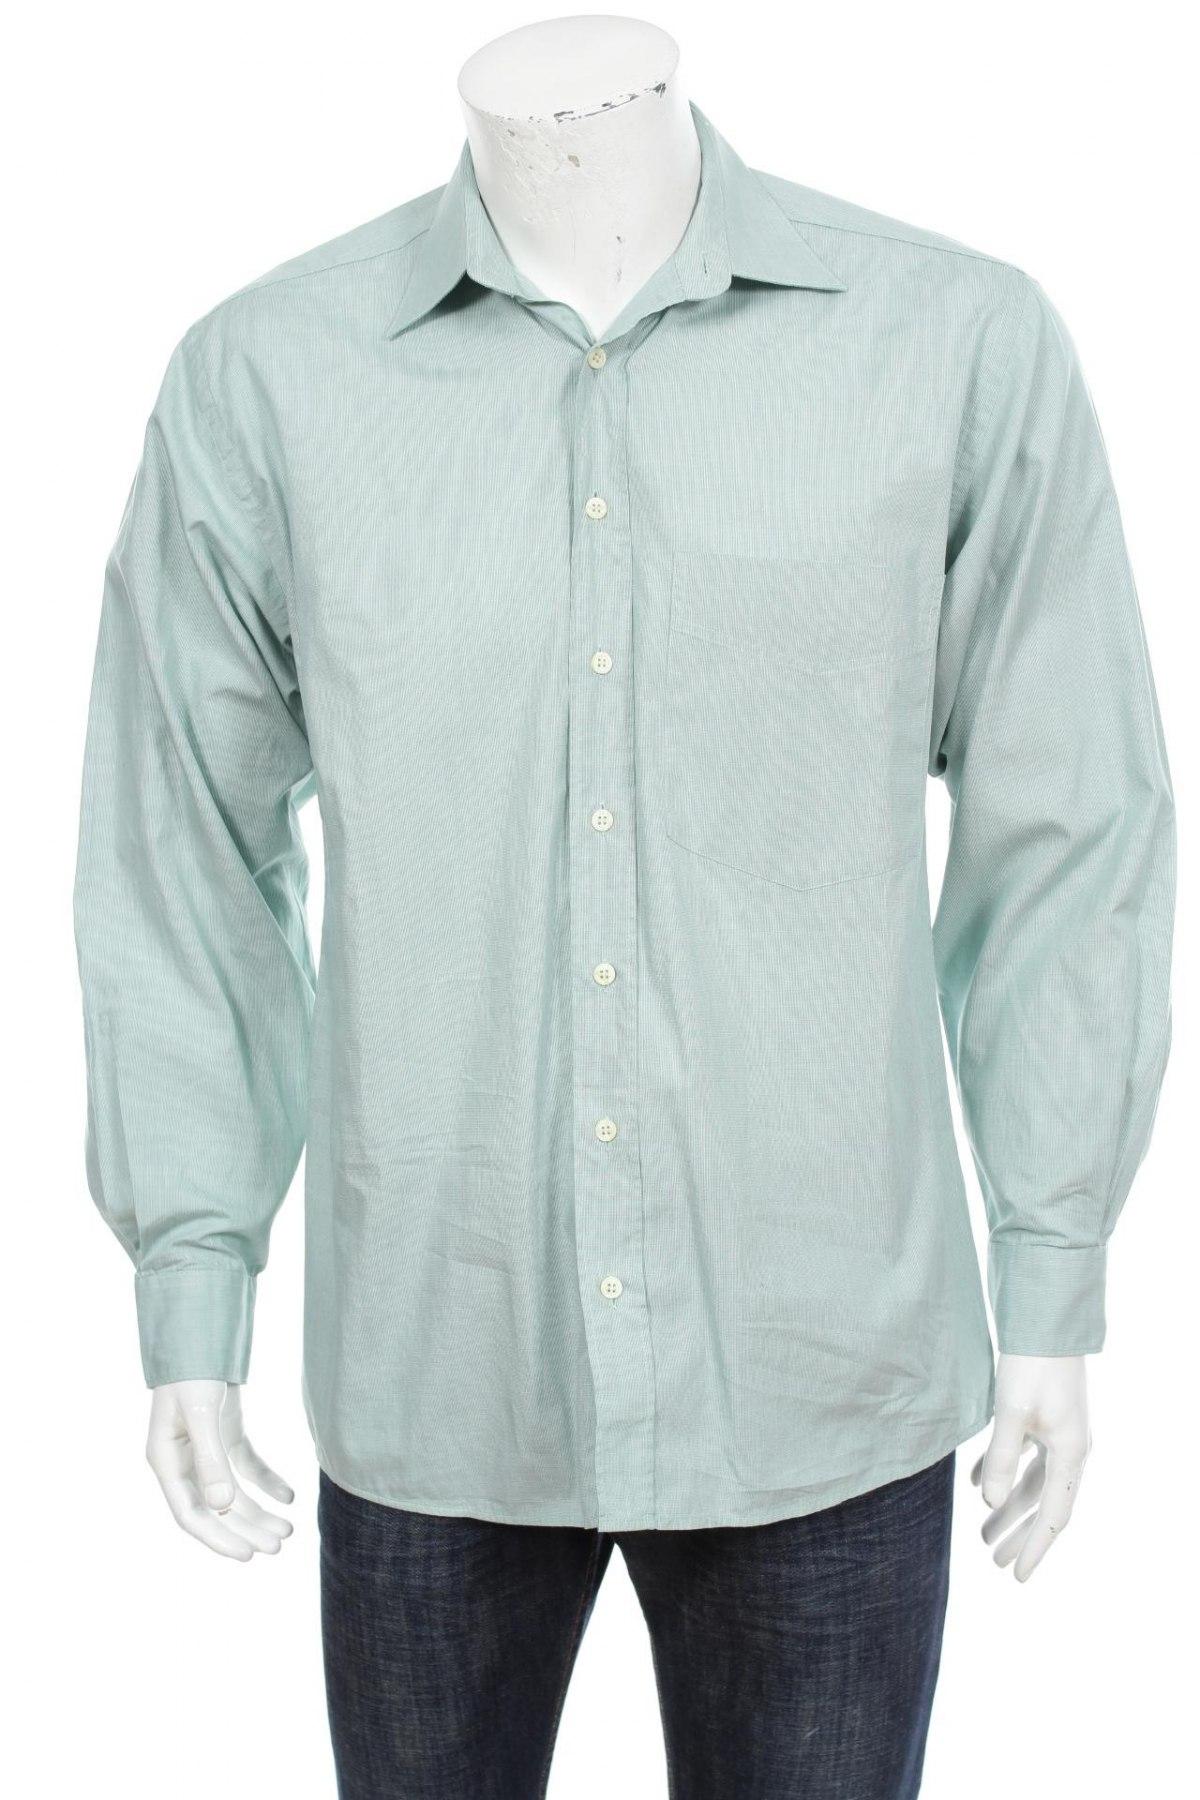 Męska koszula Dornbusch kup w korzystnych cenach na Remix  DtgYn